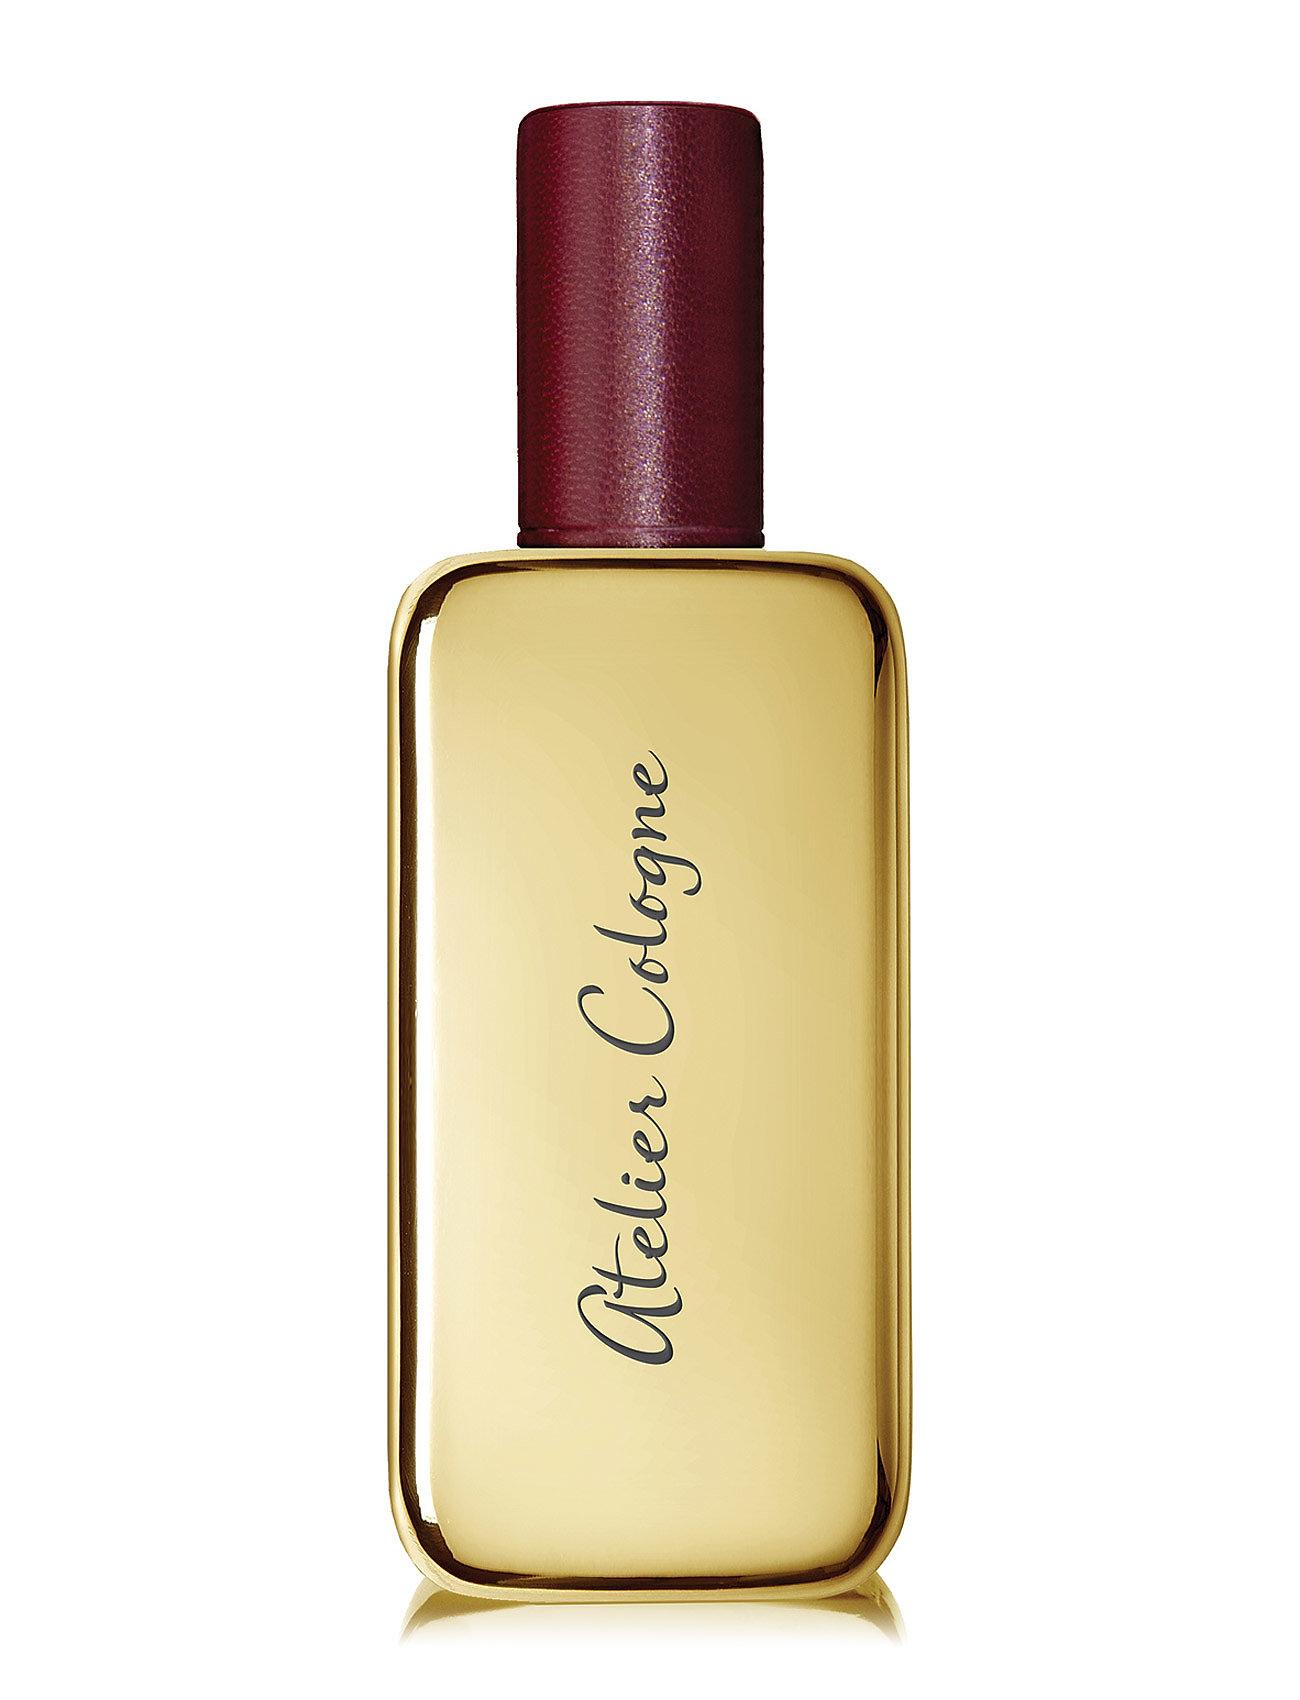 Gold leather edc 30 ml fra atelier cologne på boozt.com dk